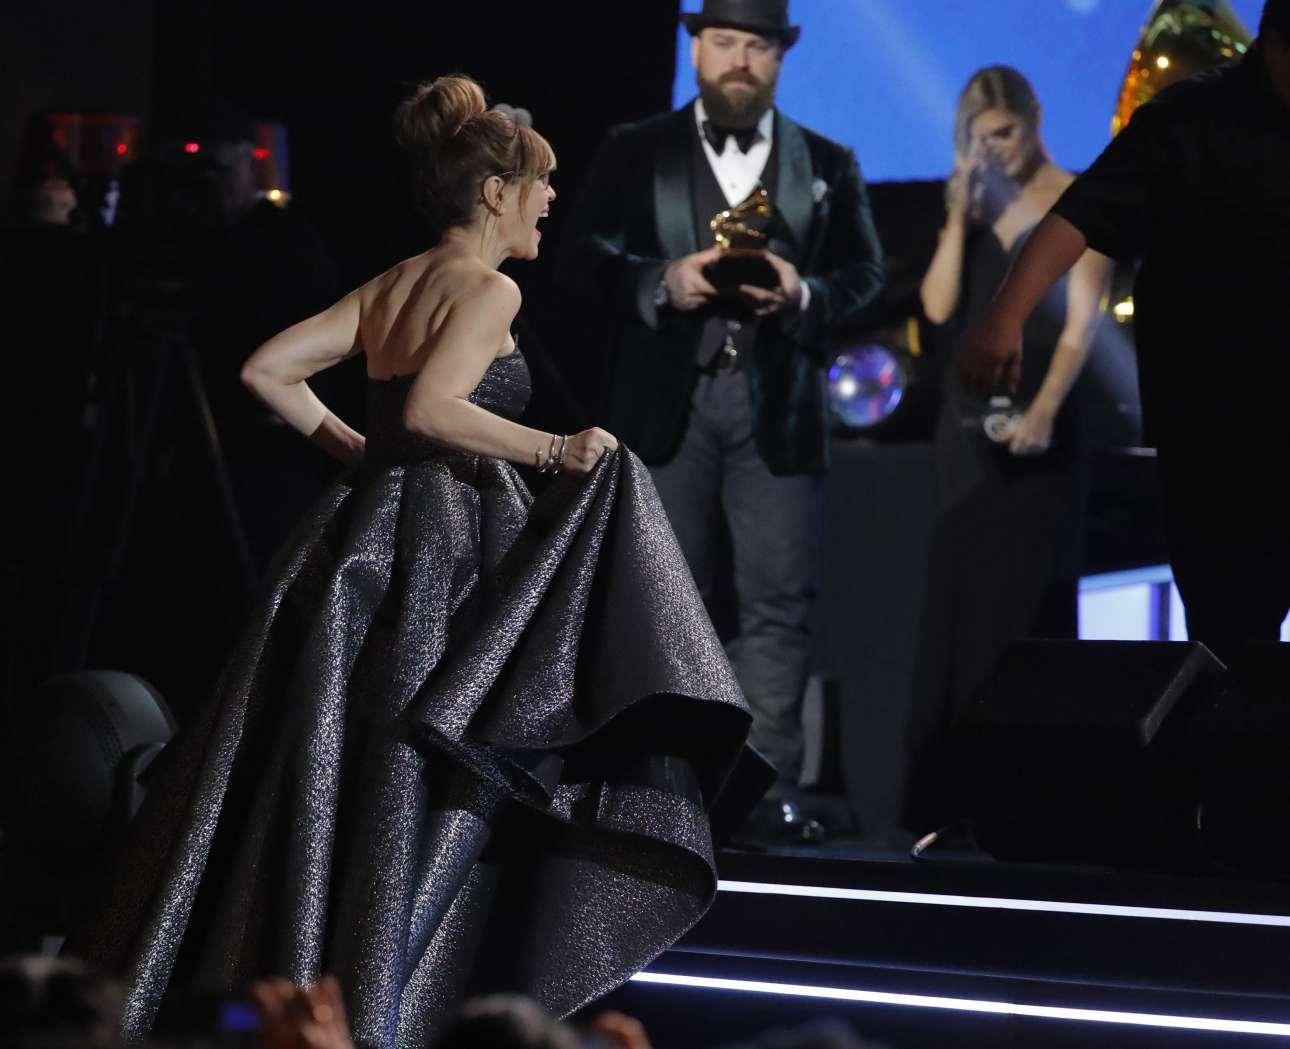 Η Λίσα Λόεμπ ανεβαίνει στην σκηνή για να παραλάβει το βραβείο του καλύτερου παιδικού άλμπουμ για το «Feel What U Feel»